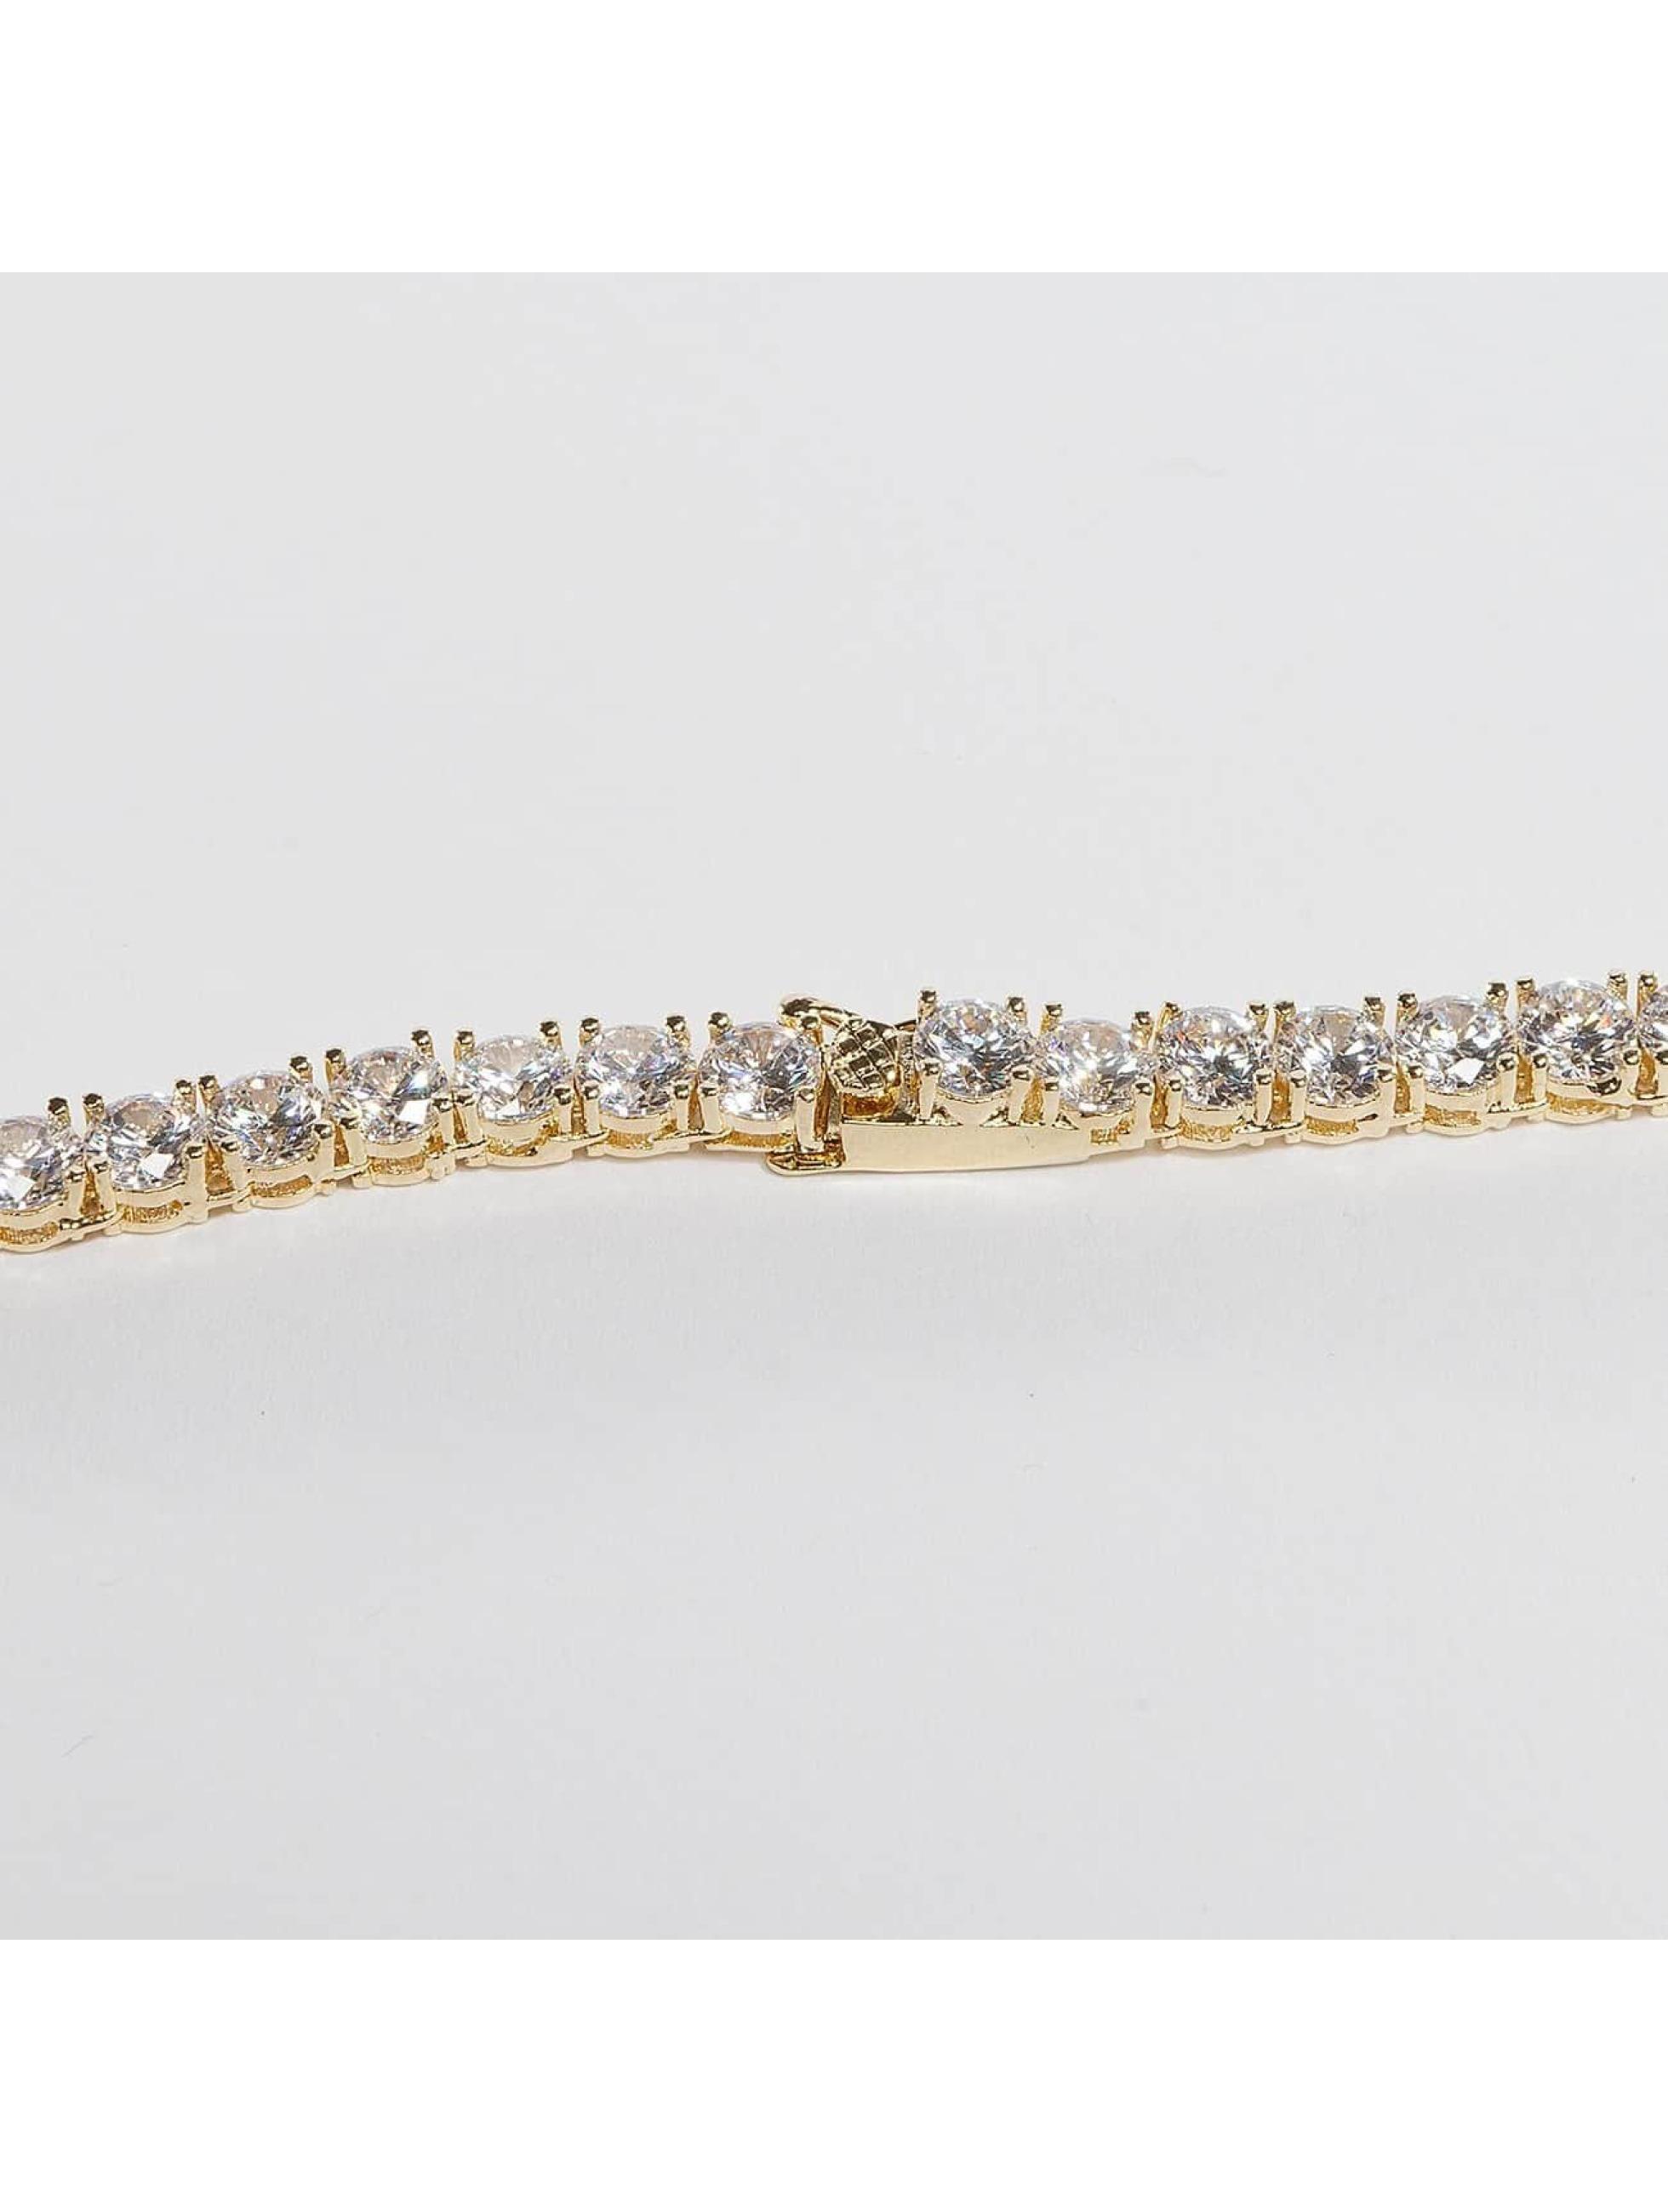 KING ICE Cadena Gold_Plated 5mm Single Row CZ Pharaoh oro